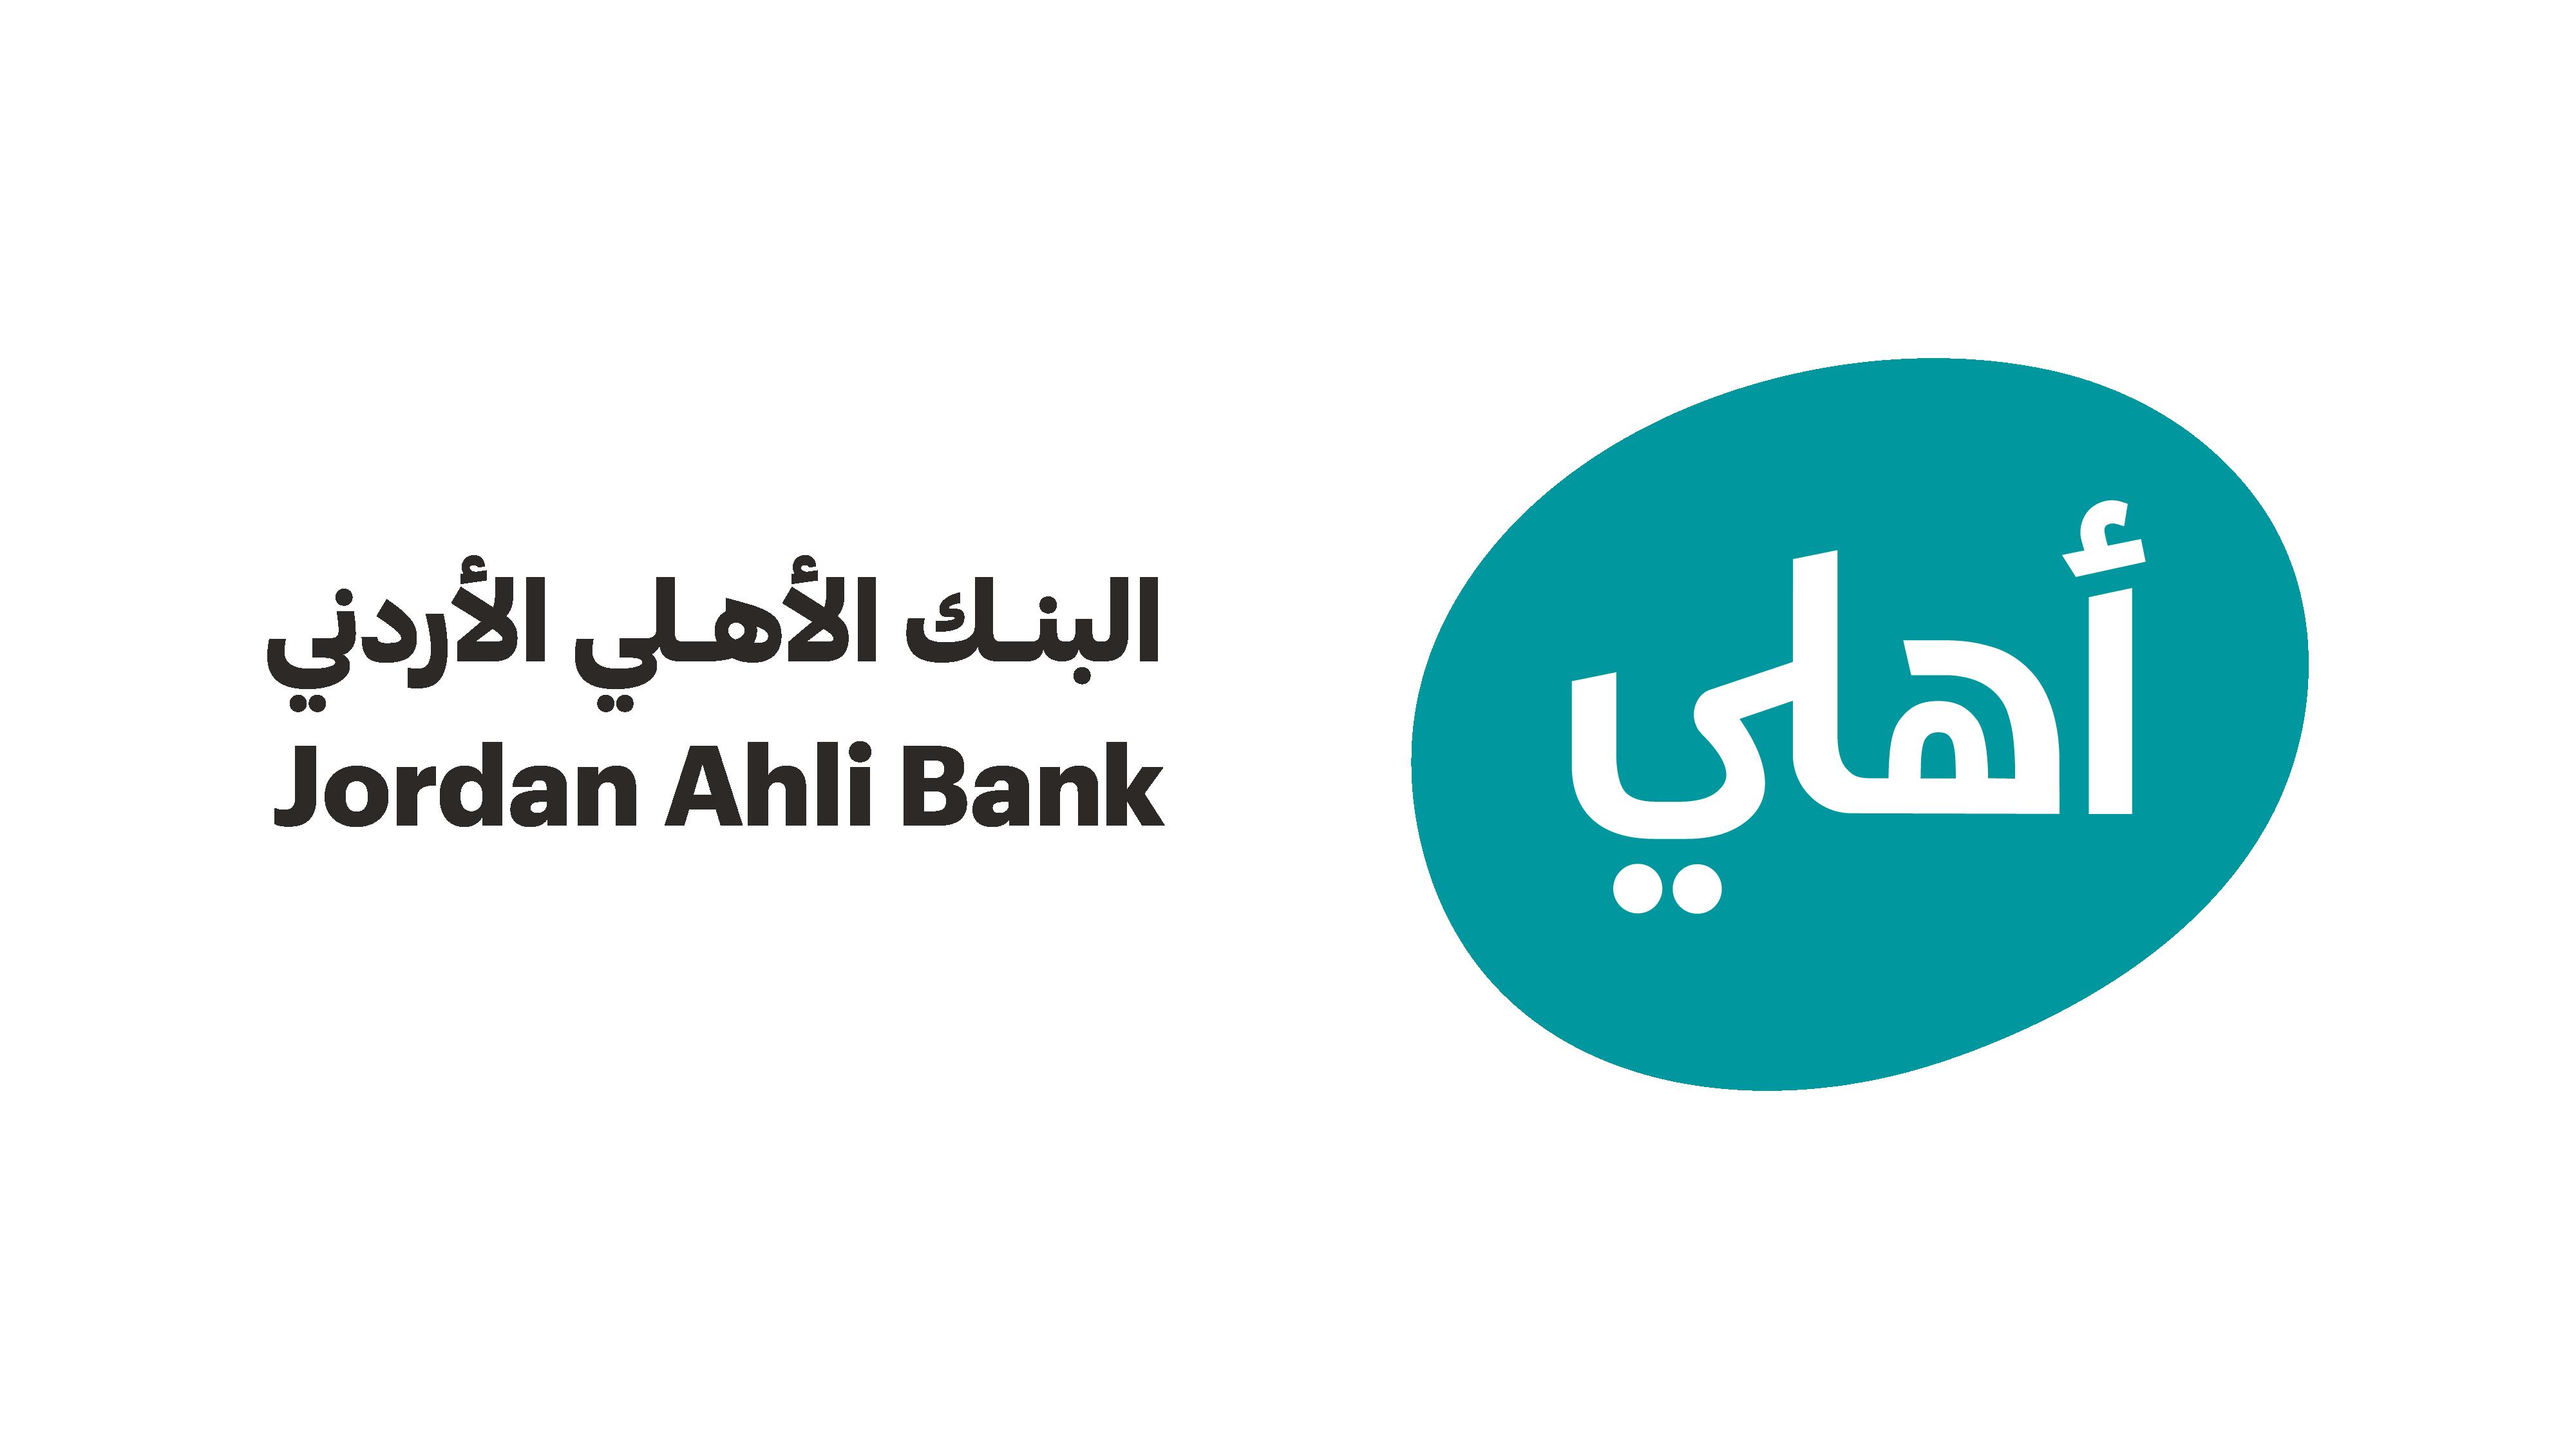 """فتح باب التسجيل للإنضمام للفوج الثالث من برنامج """"ahli777"""" لتوظيف الشباب وتطوير قدراتهم"""